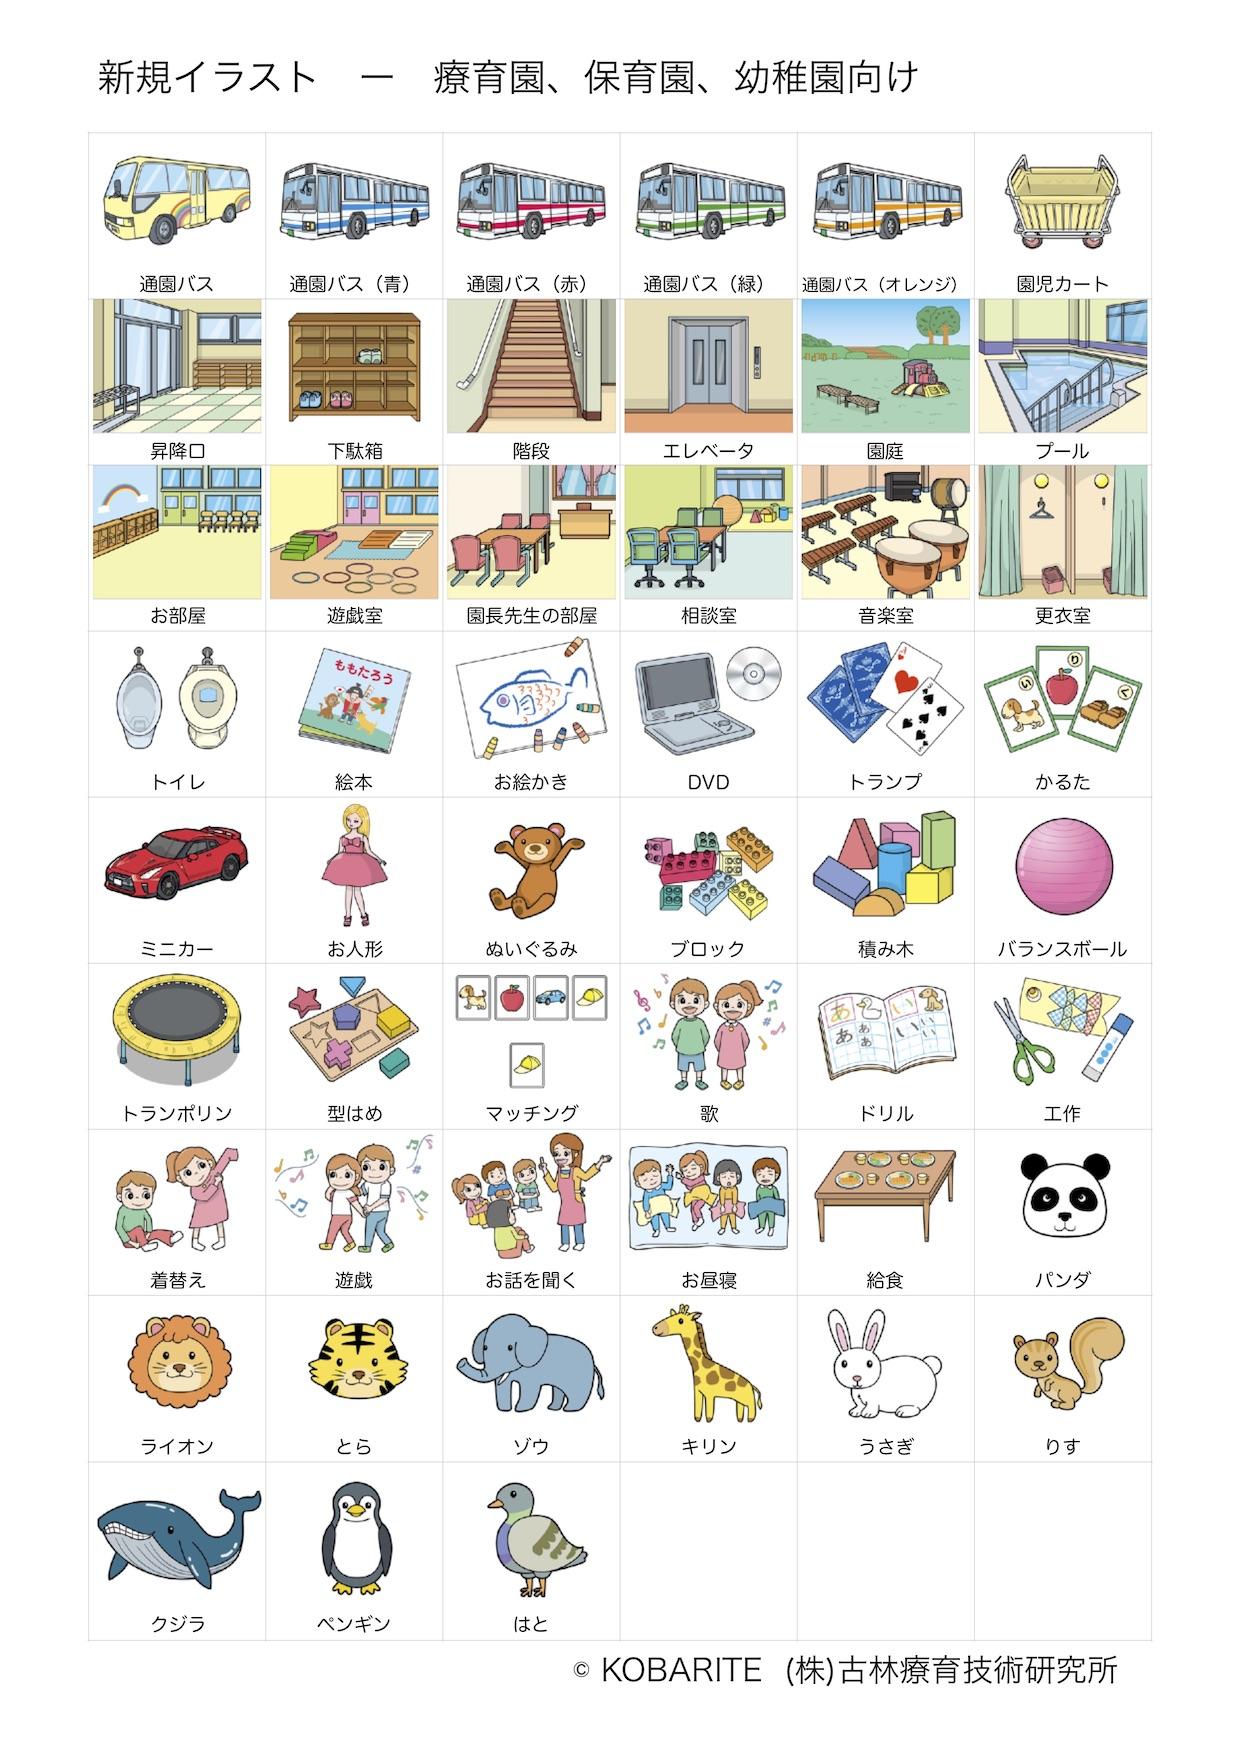 自閉症向け絵カードのイラストについてご意見募集中